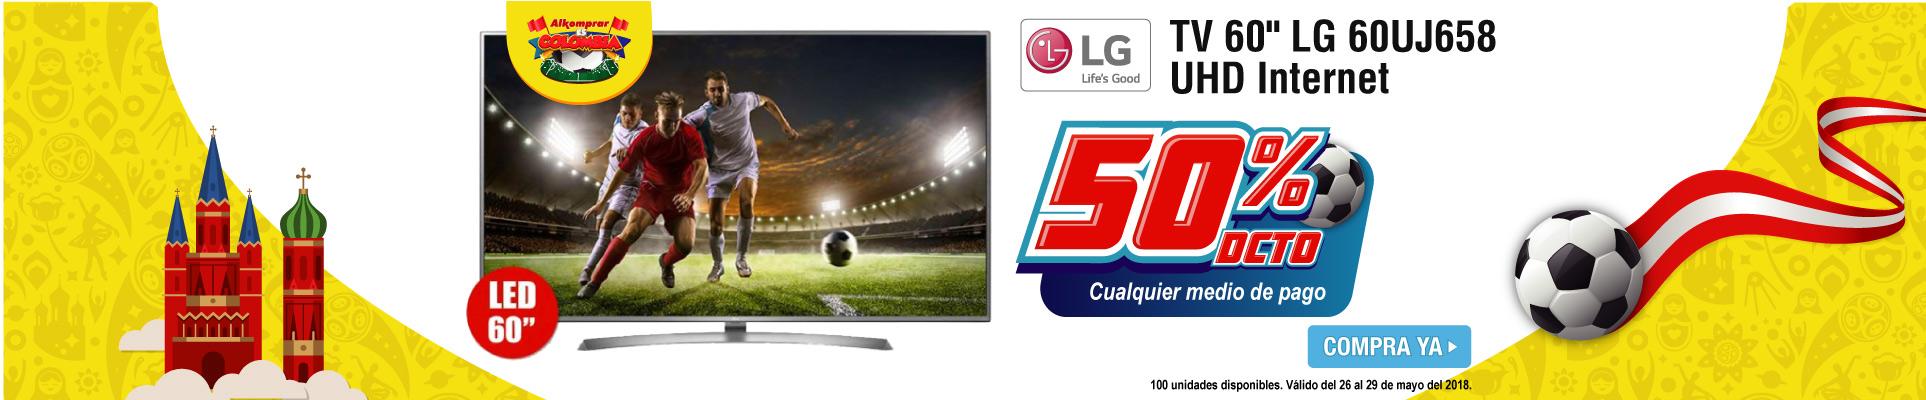 PPAL ALKP-5-TV-TV 60